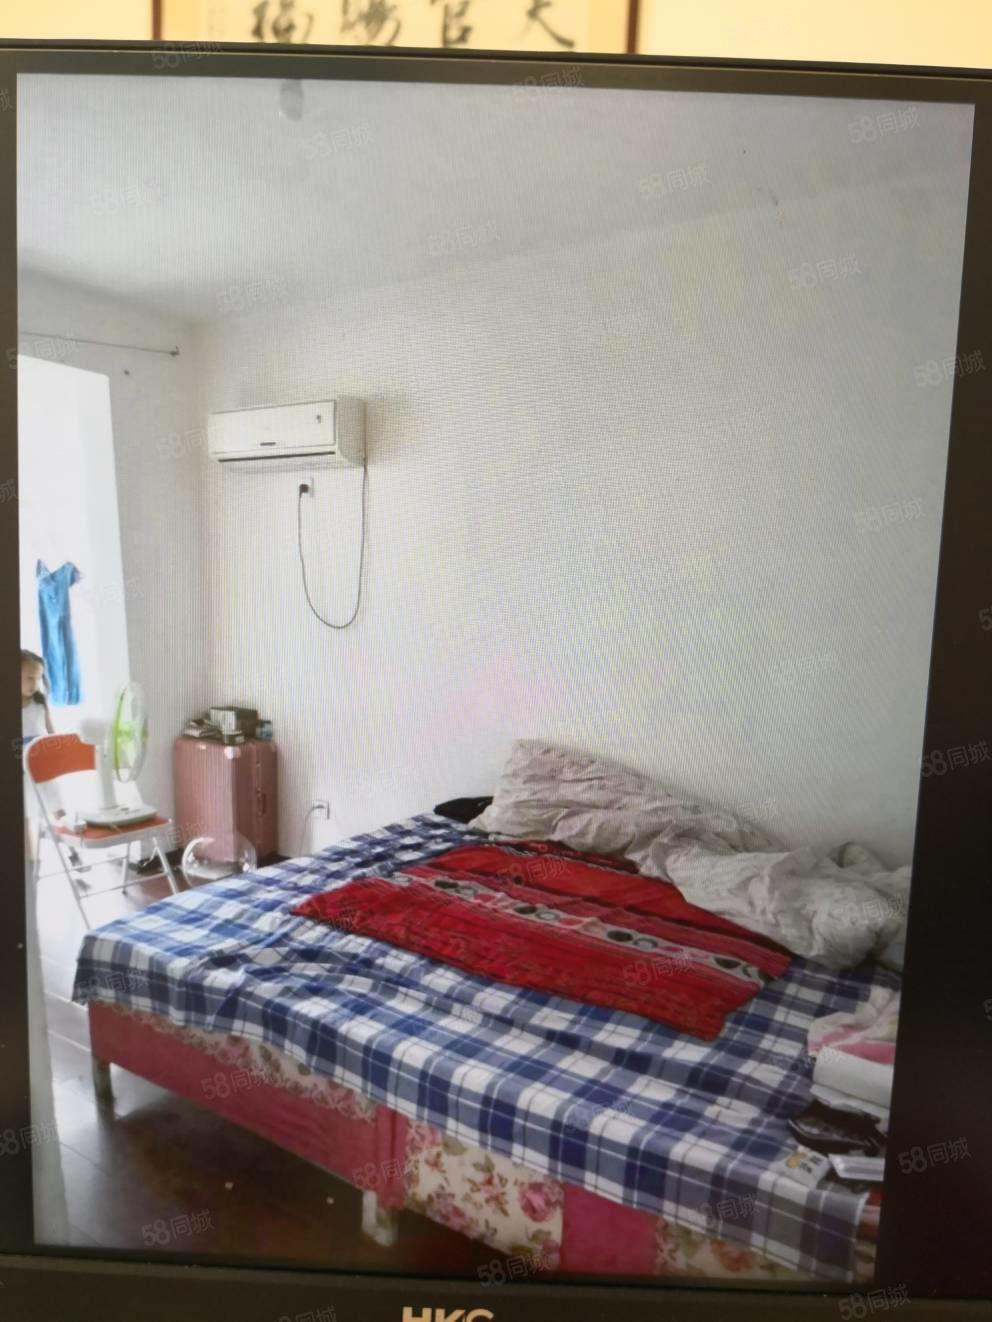 華鑫現代城,簡裝修兩室兩廳一衛,帶儲藏室12平免高稅